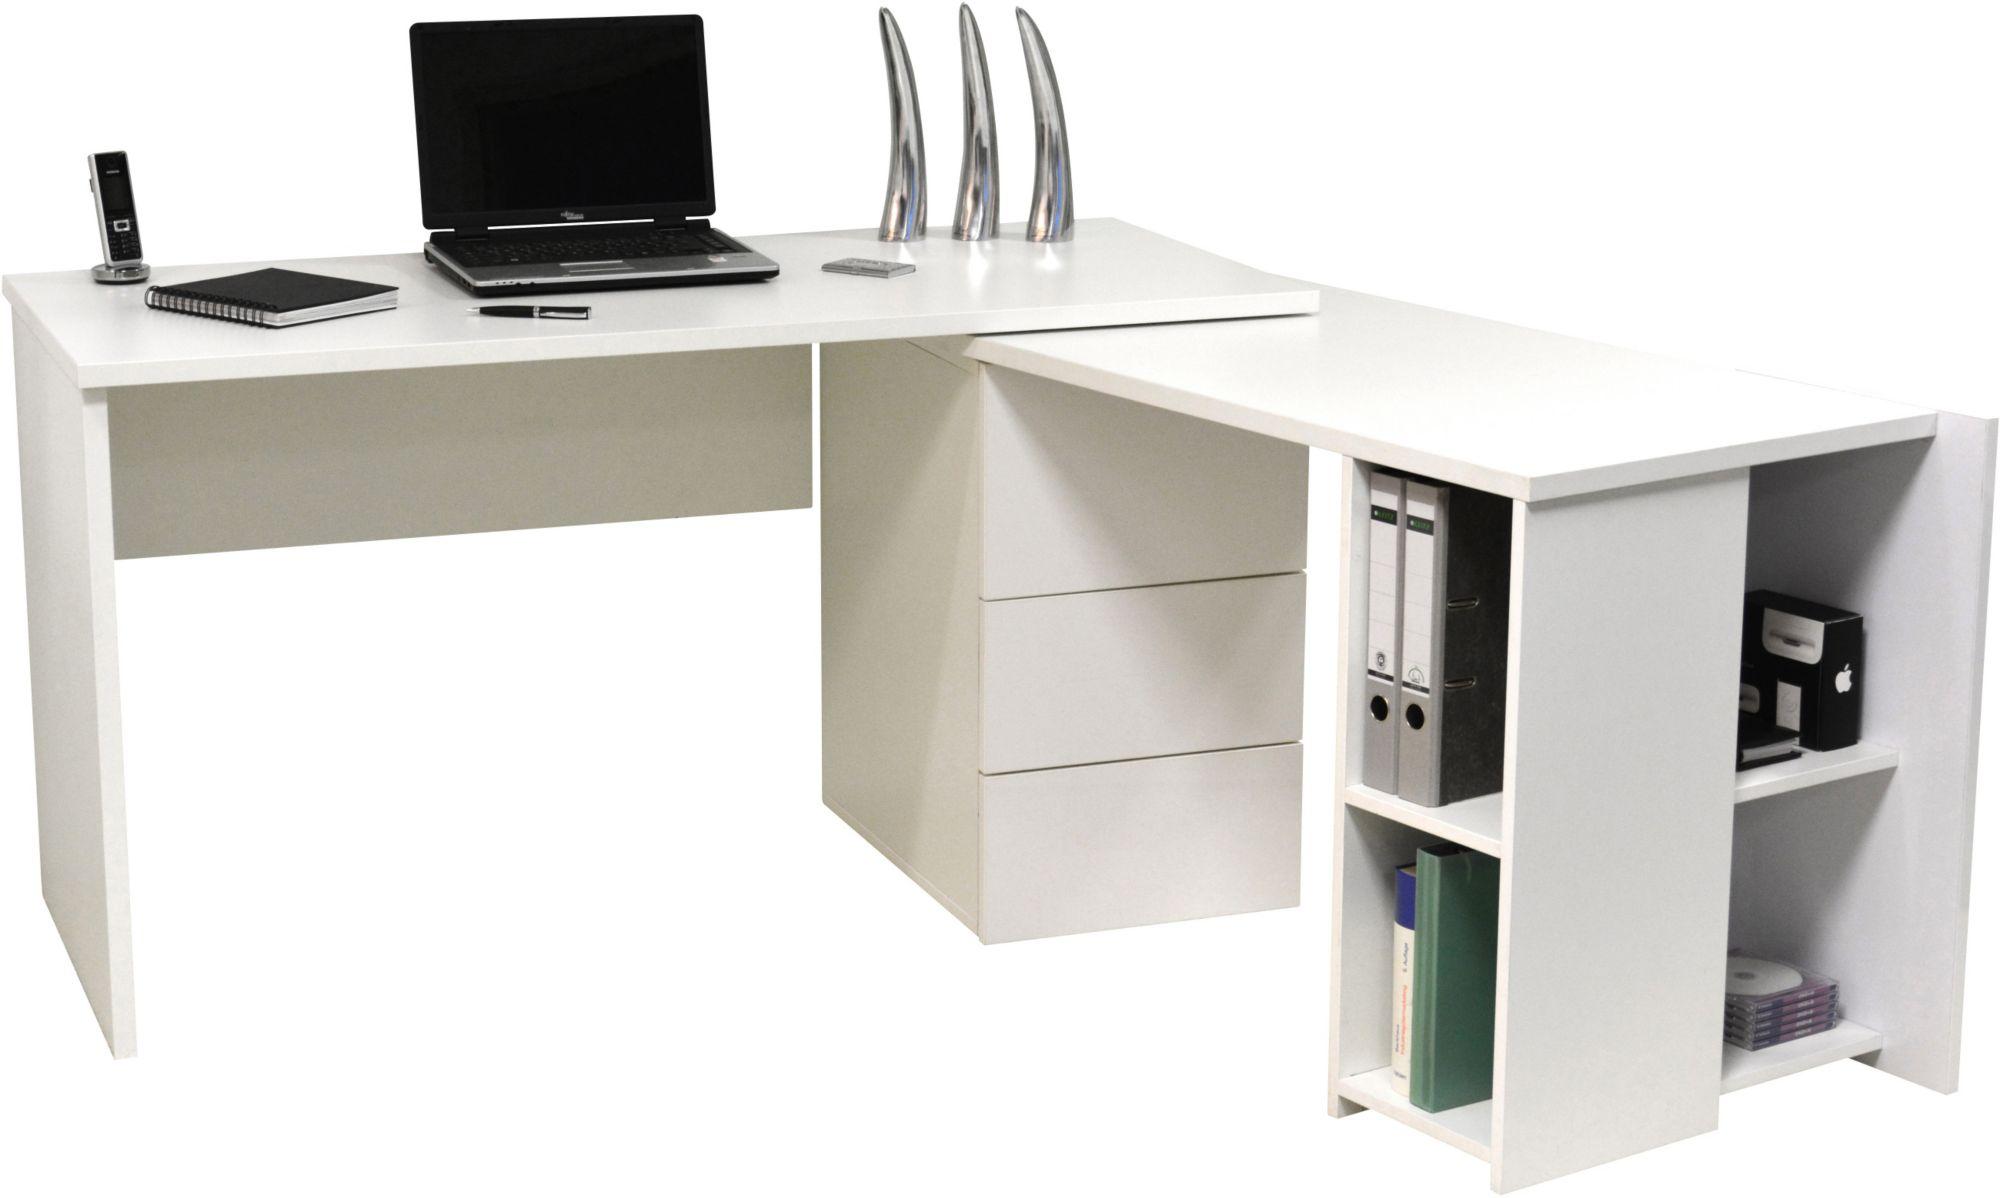 eck schreibtische im schwab online shop sale schreibtische. Black Bedroom Furniture Sets. Home Design Ideas